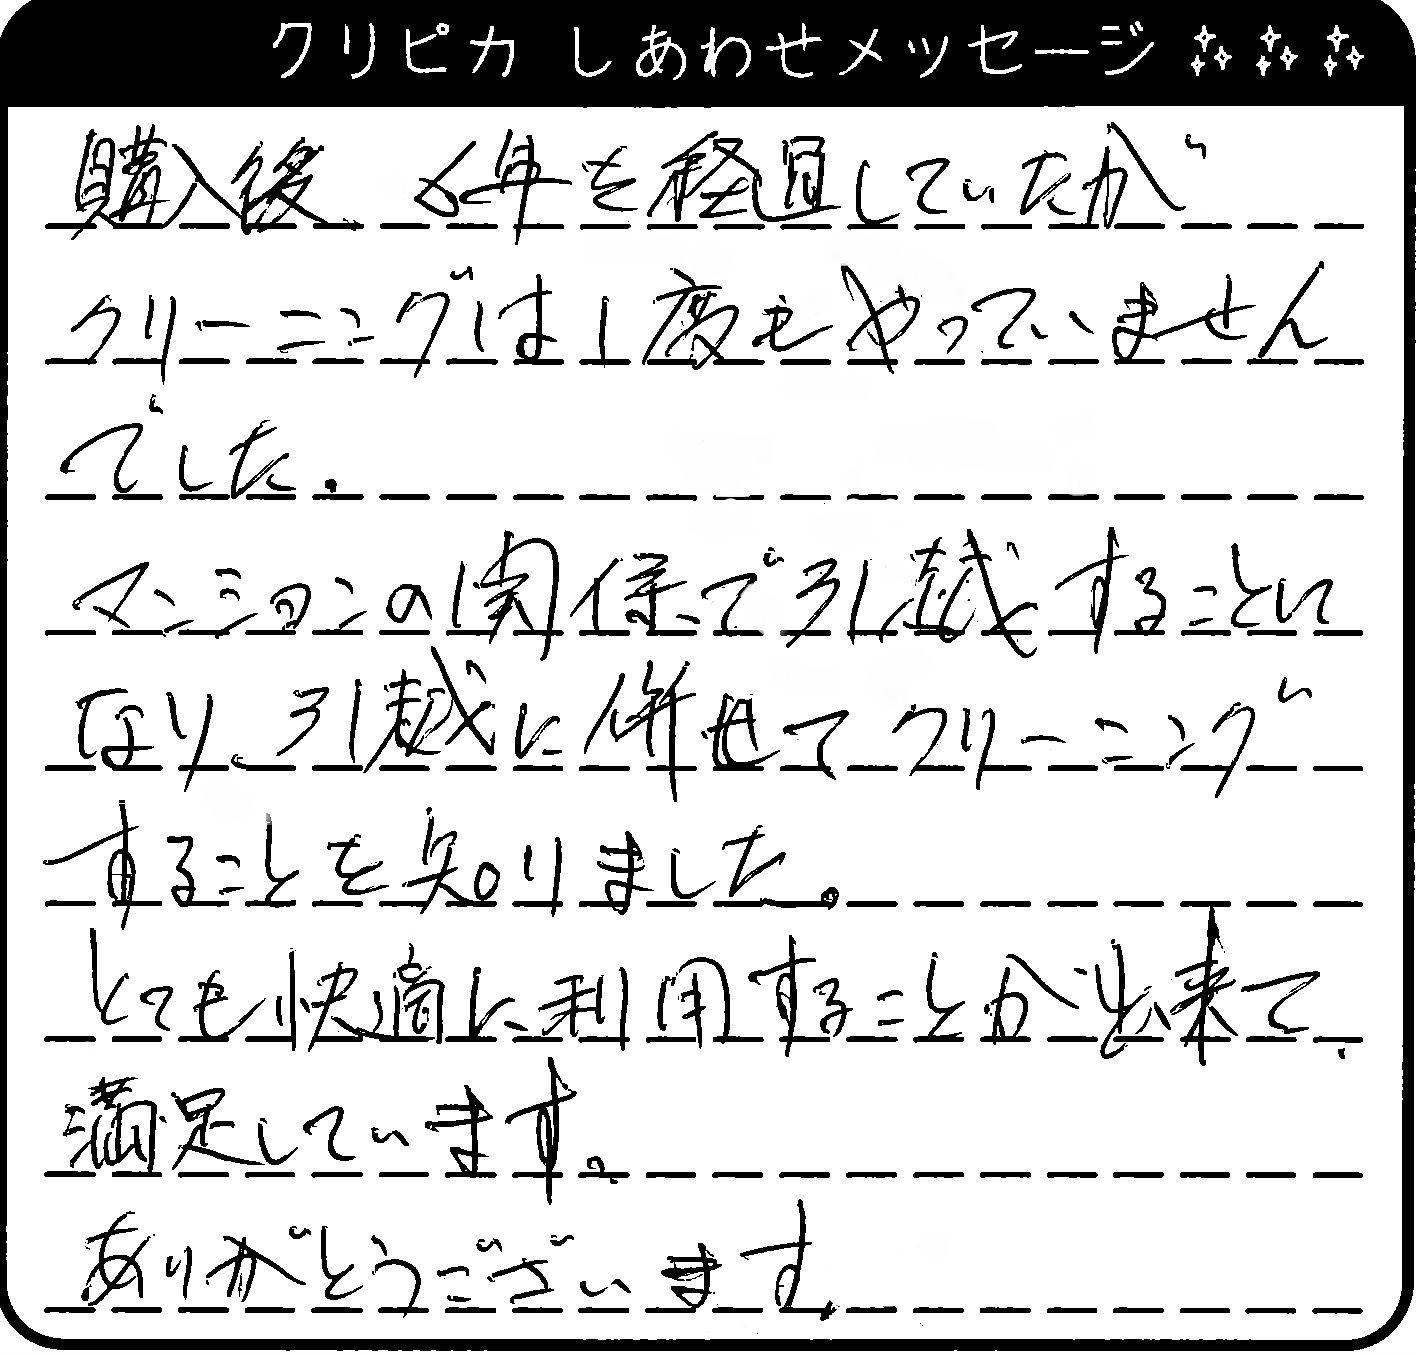 北海道 O様からのしあわせメッセージ